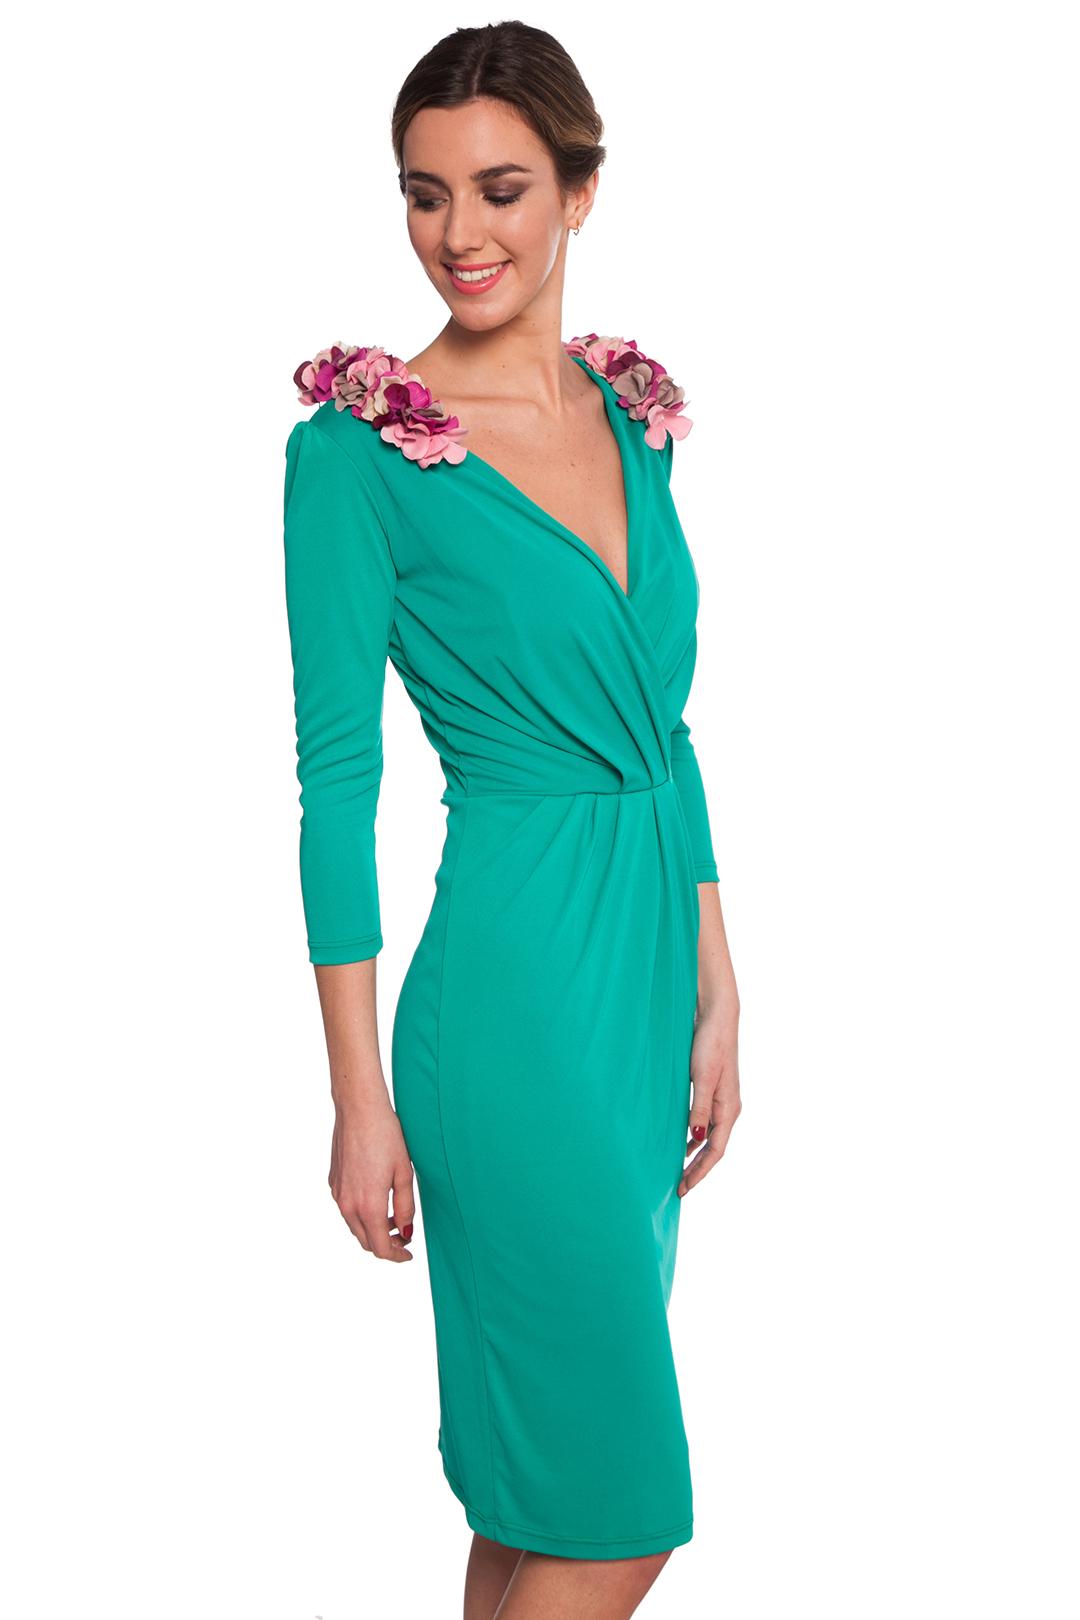 Vestido Shandy Green - Alquiler de Vestidos - La Más Mona